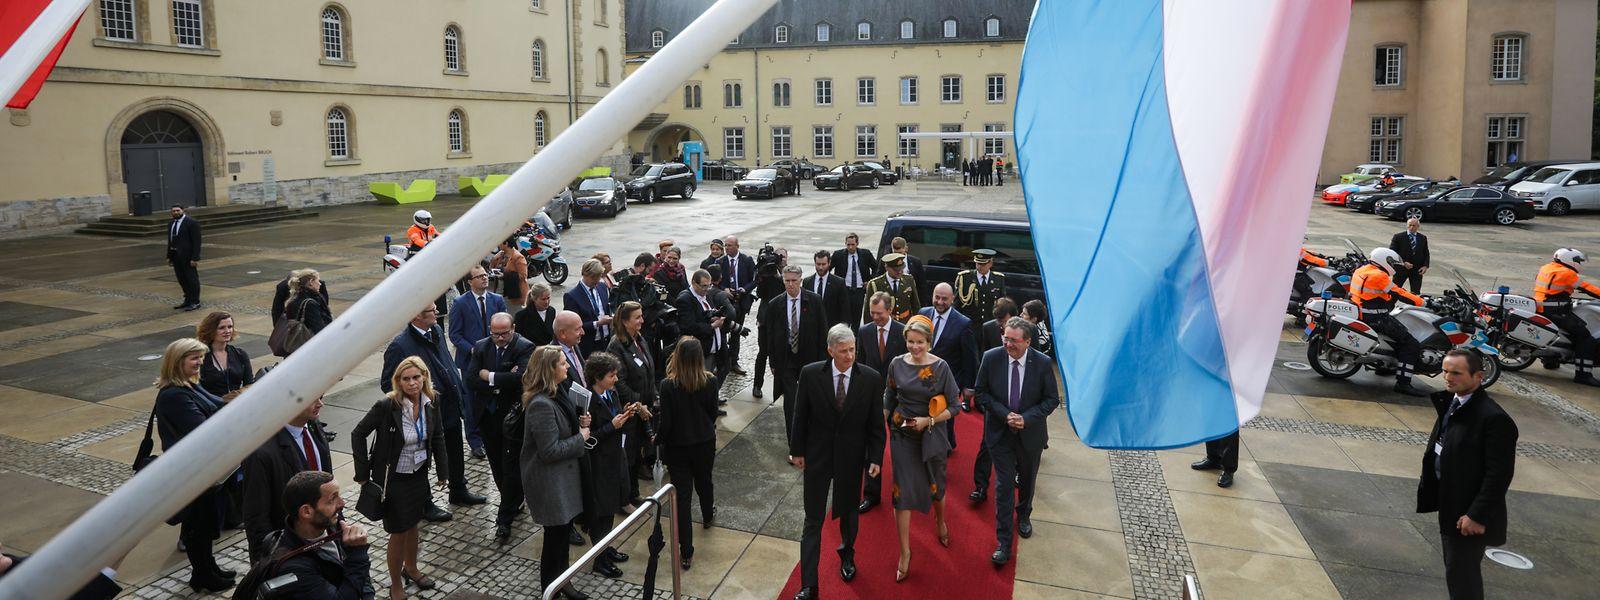 Das belgische Königspaar und Großherzog Henri bei ihrer Ankunft in der Abtei Neumünster.